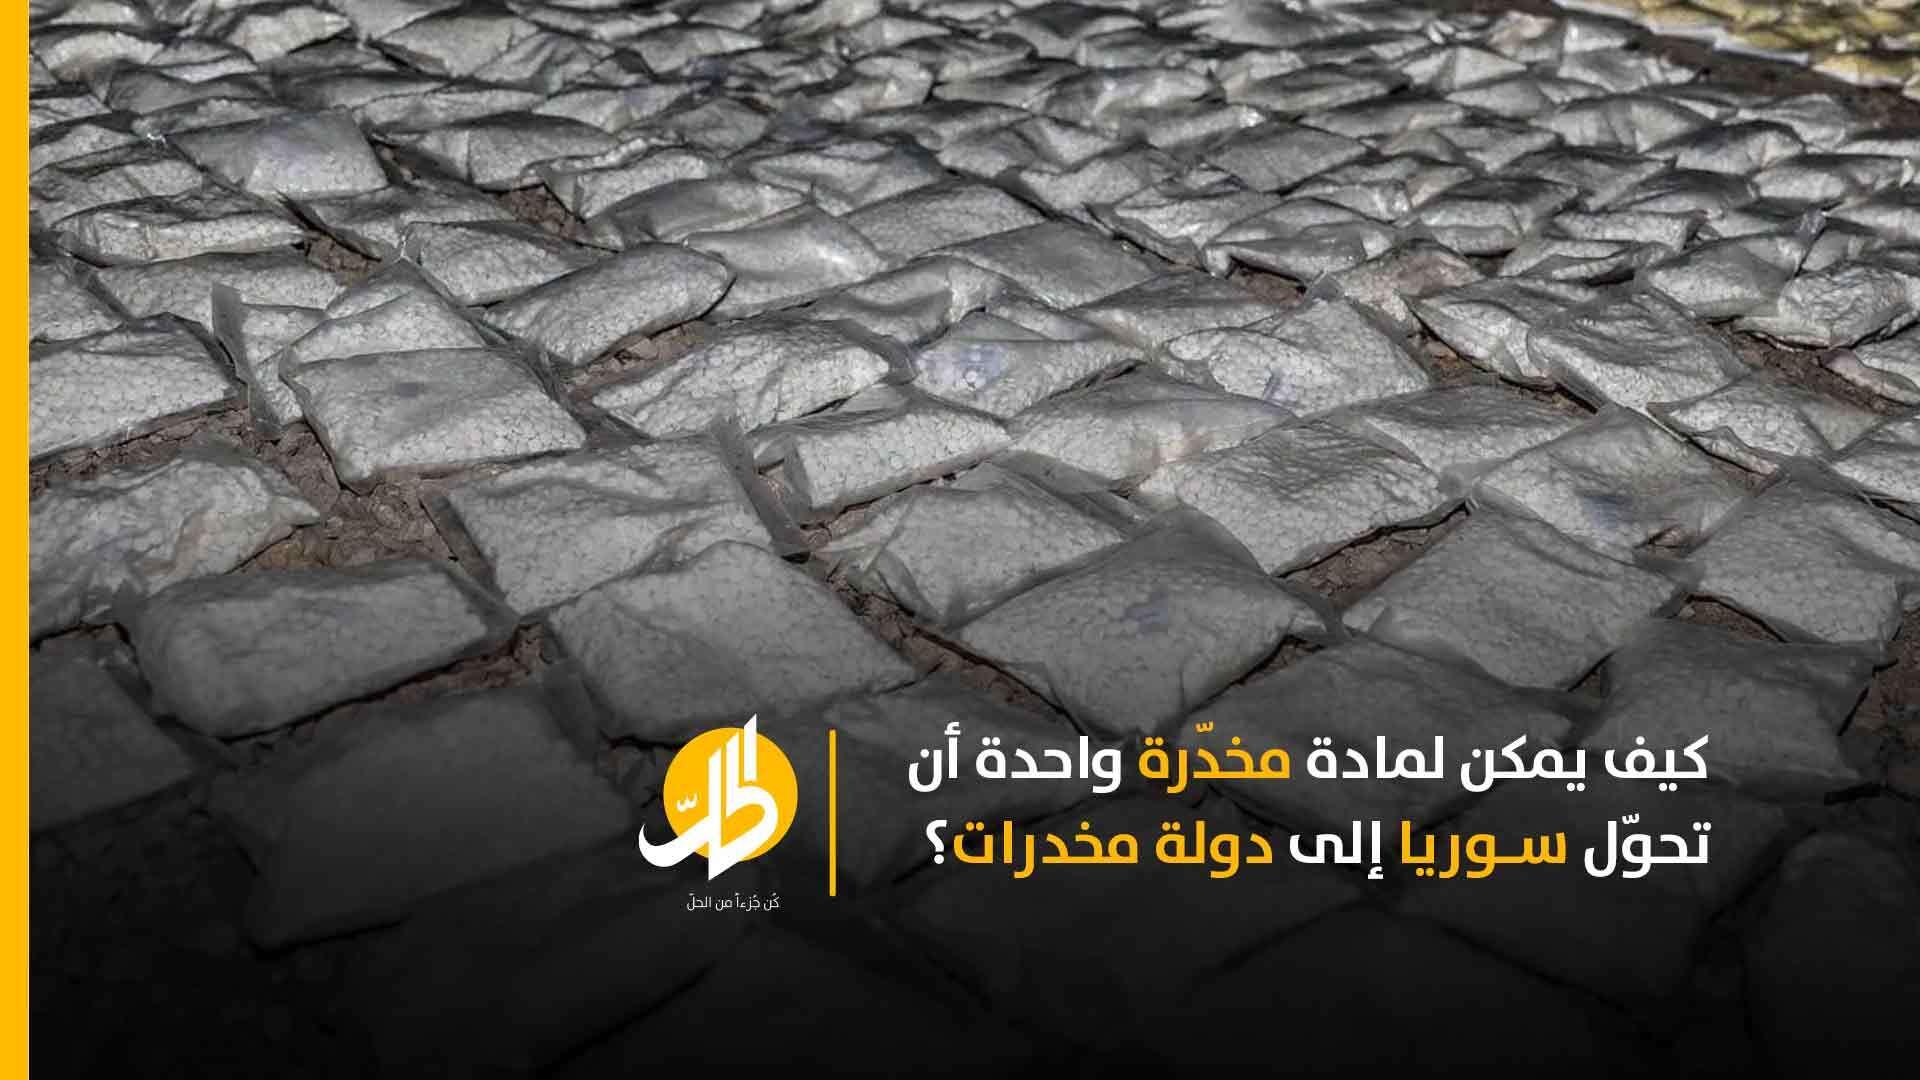 """سوريا قلب (الكبتاغون).. عندما يُنعِش """"الأسد"""" اقتصاده المنهار بتجارة المخدرات"""